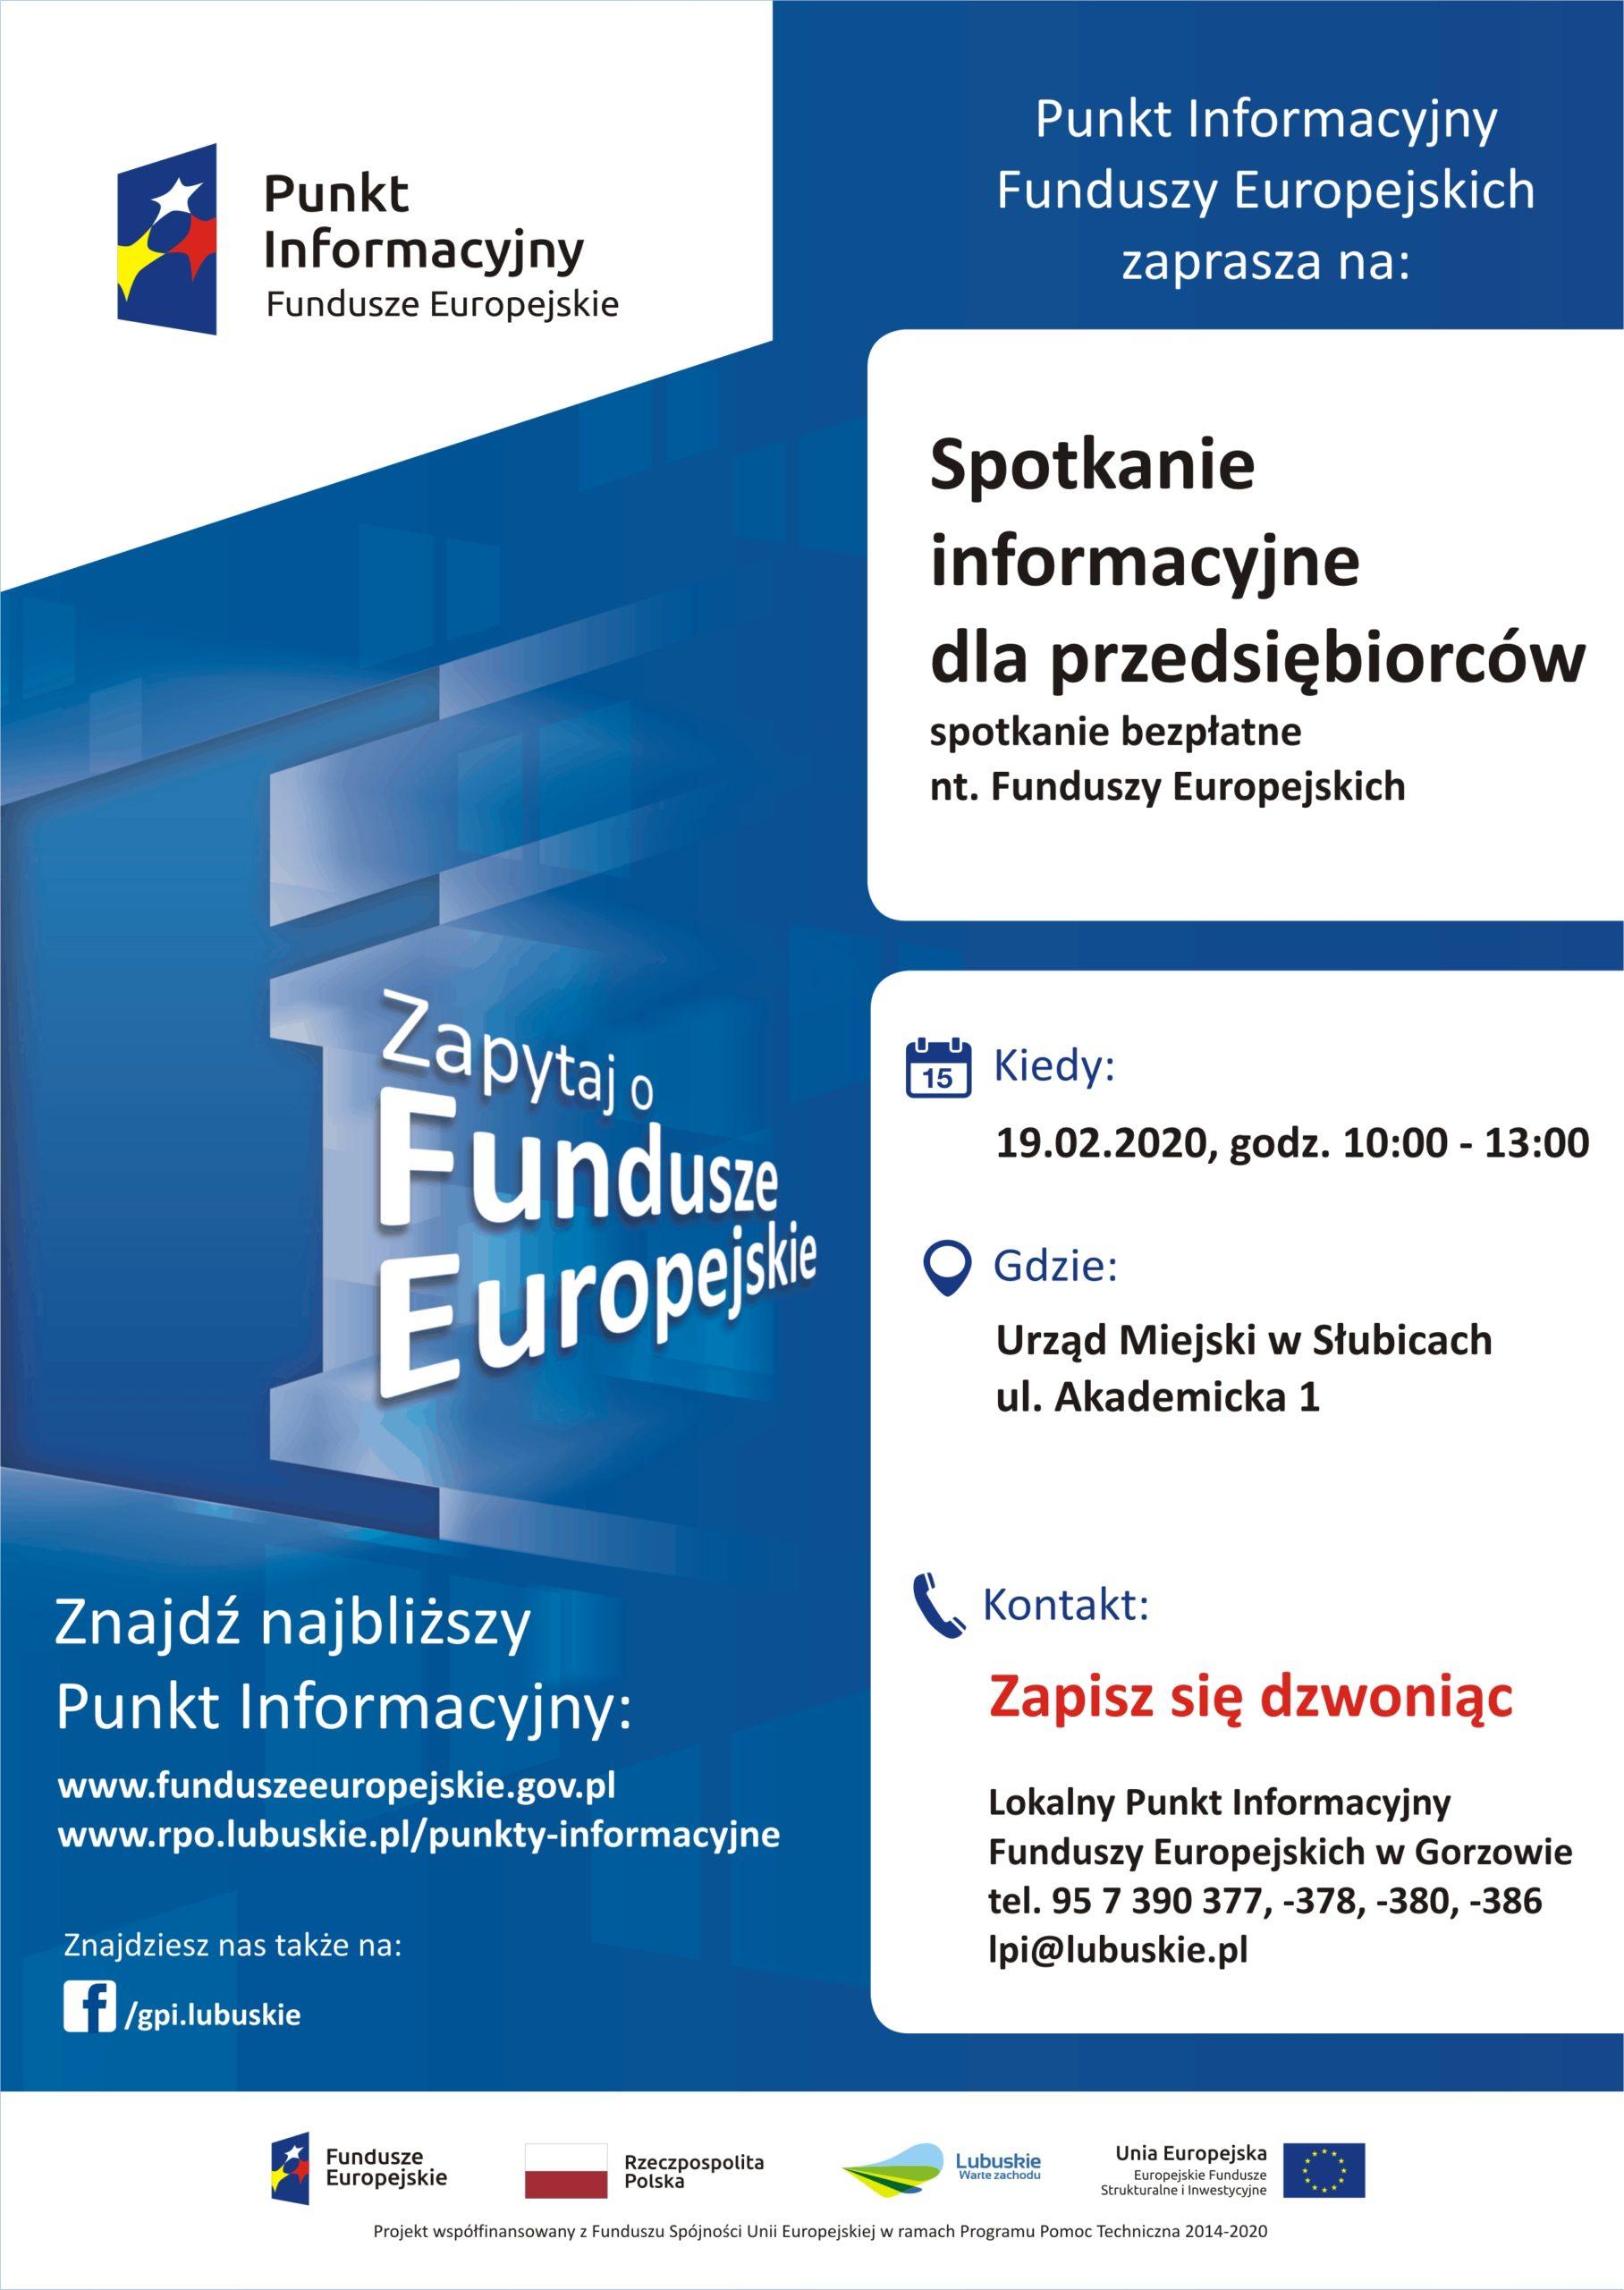 Spotkanie informacyjne dla przedsiębiorców w Słubicach